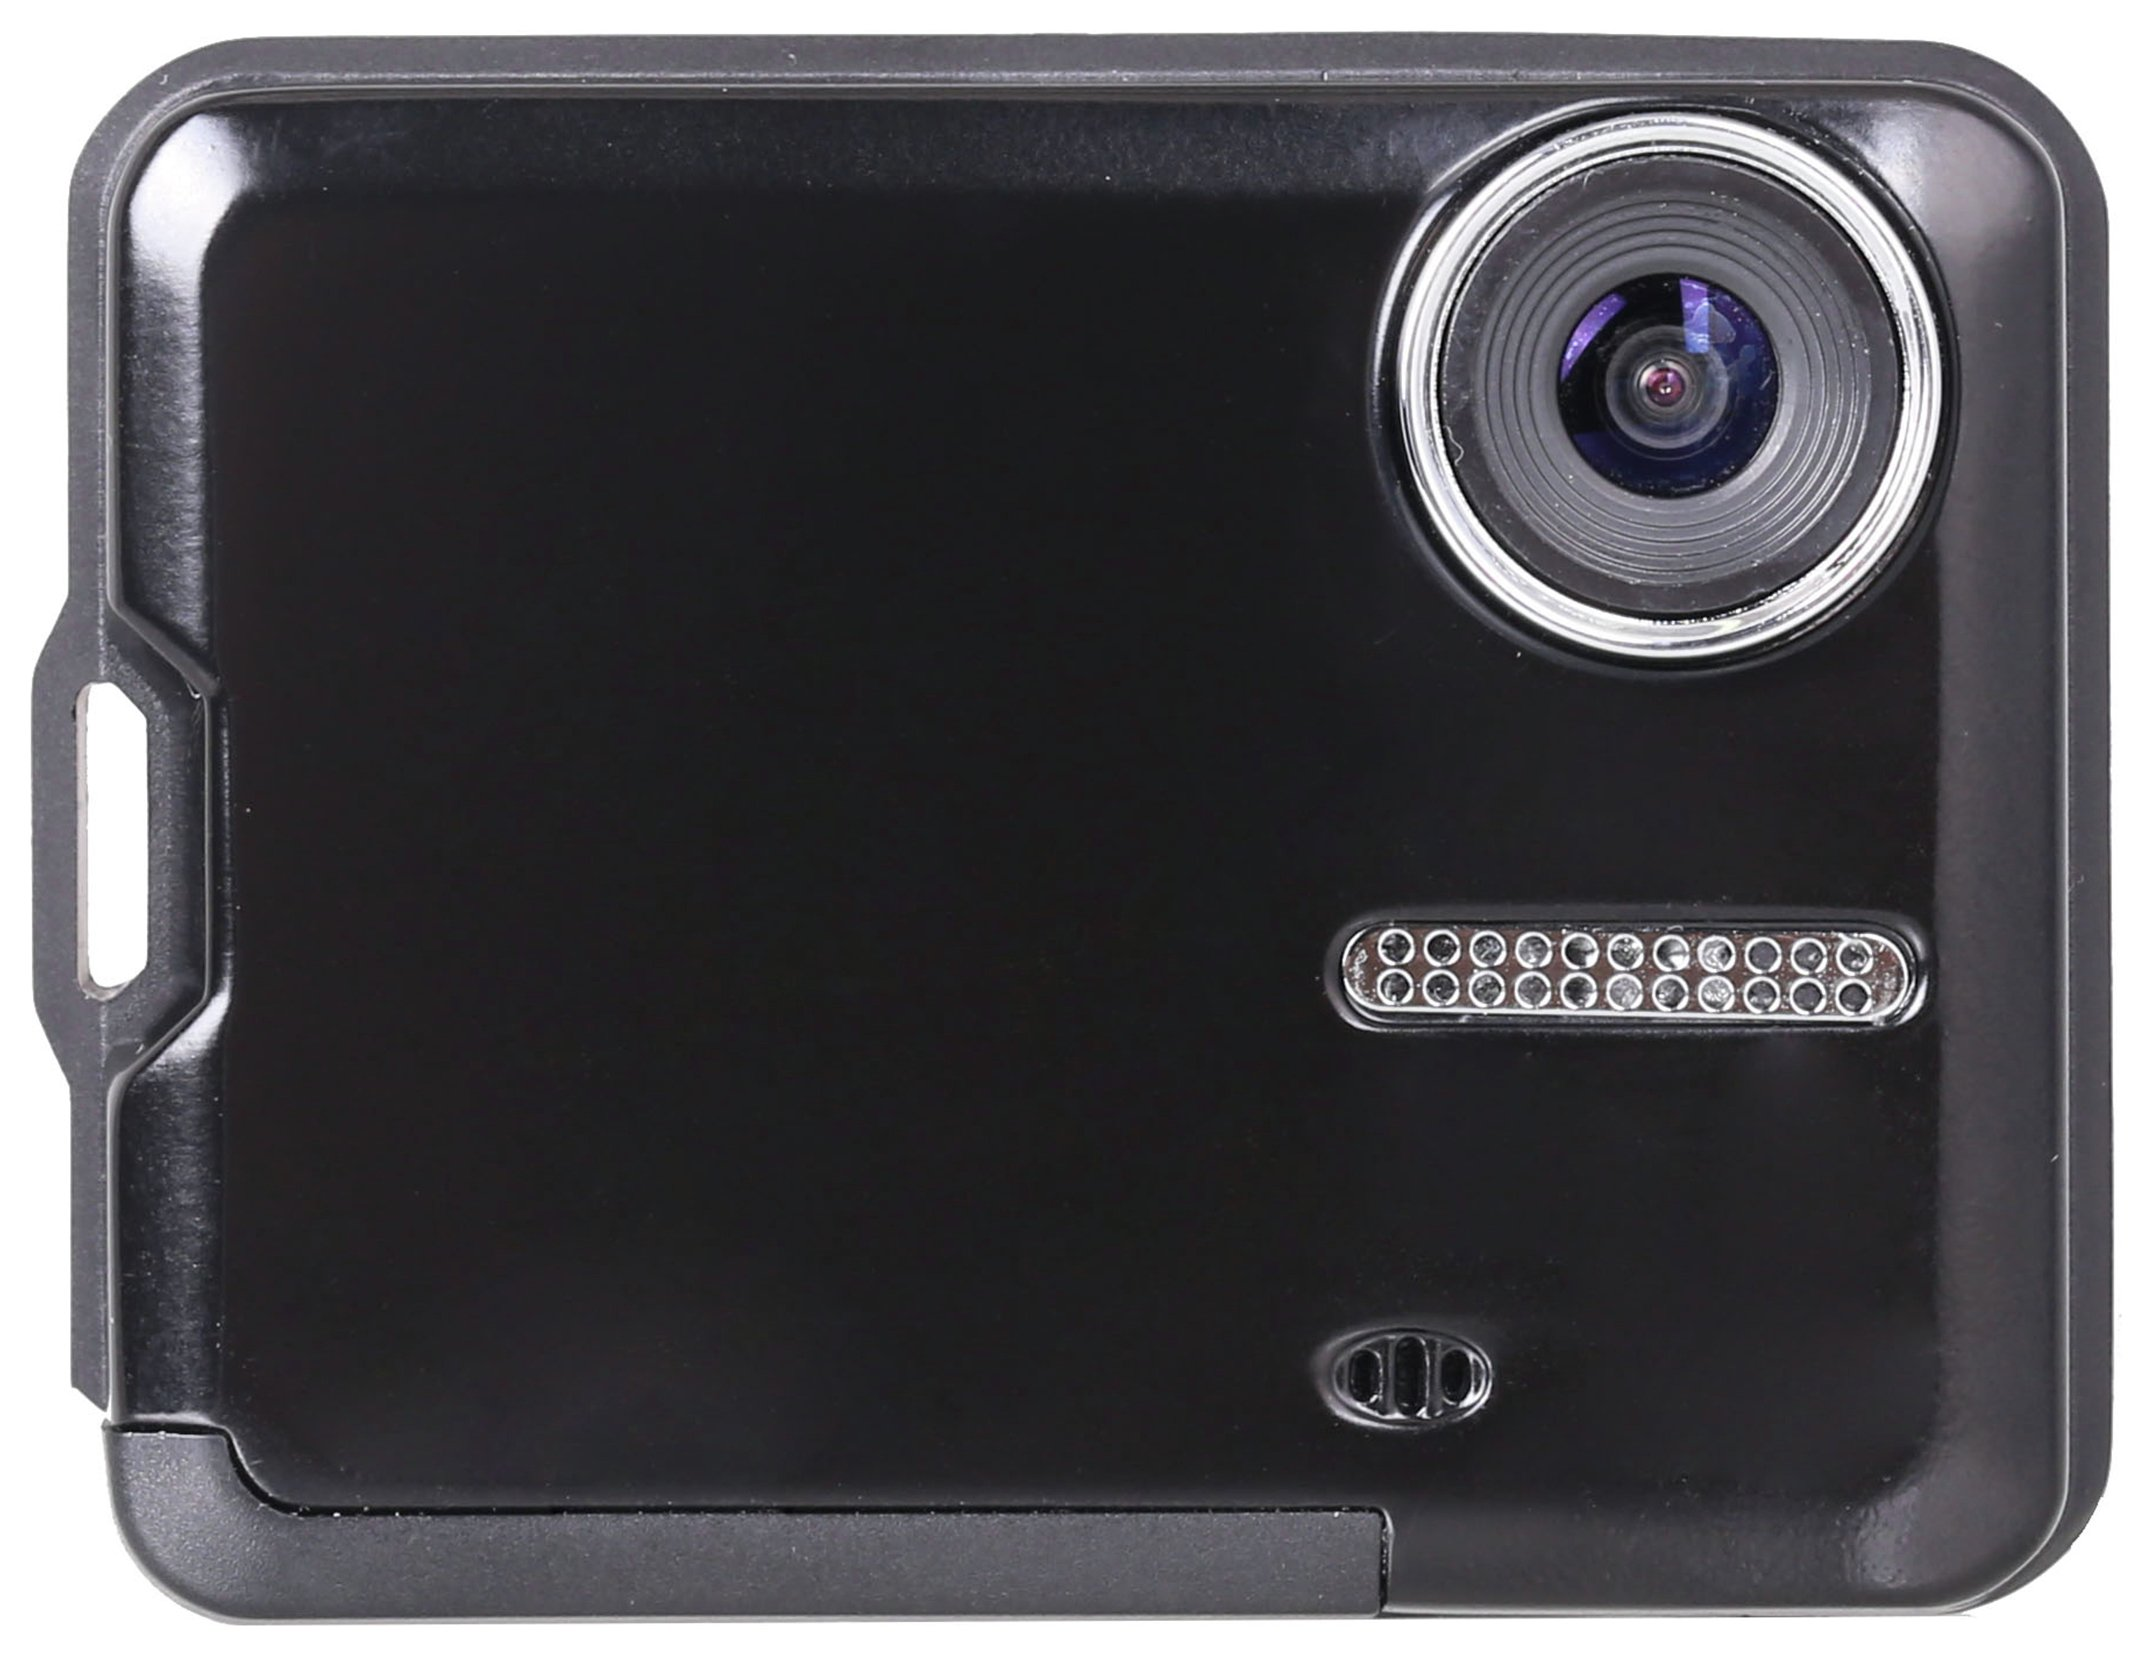 Proofcam PC101 Dash Cam.